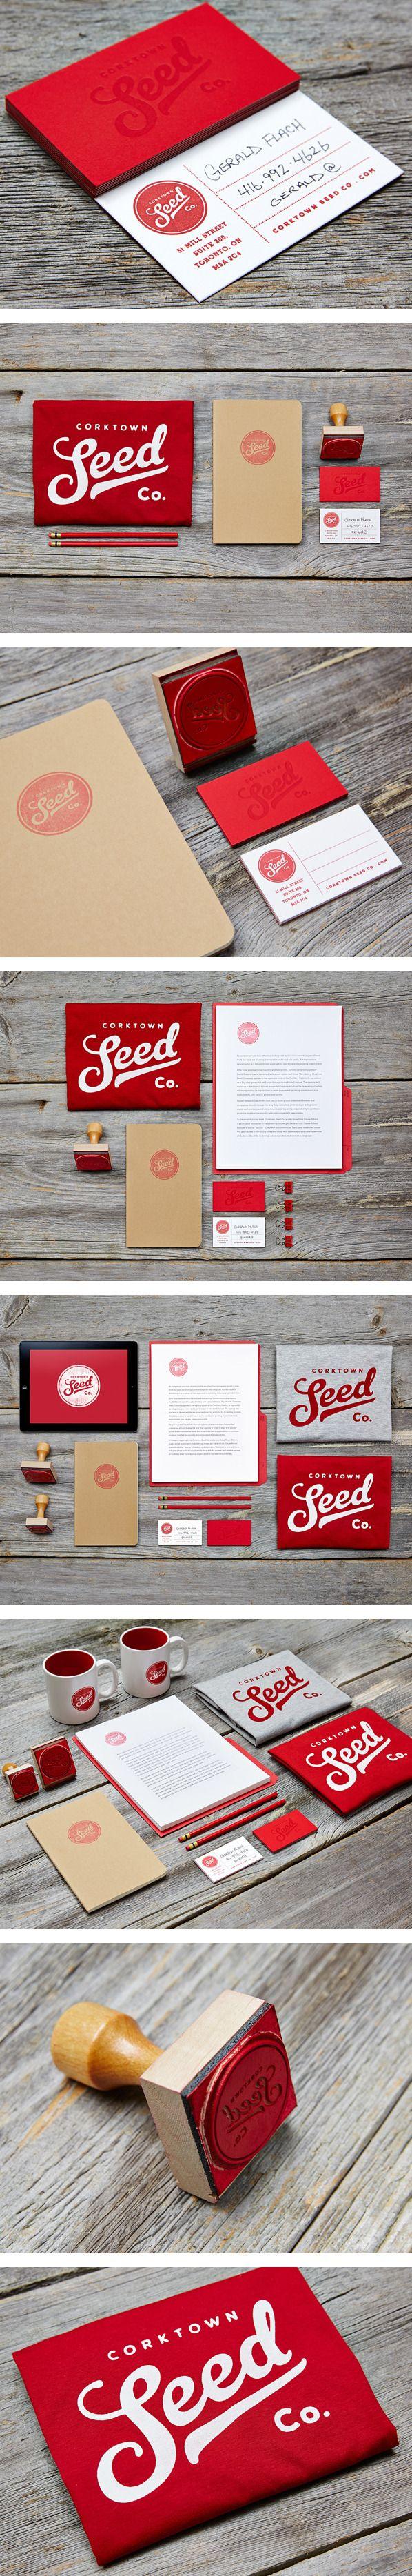 Unique Brand Identity Design on the Internet, Corktow Seed Co. #branding #brandidentity #identitydesign